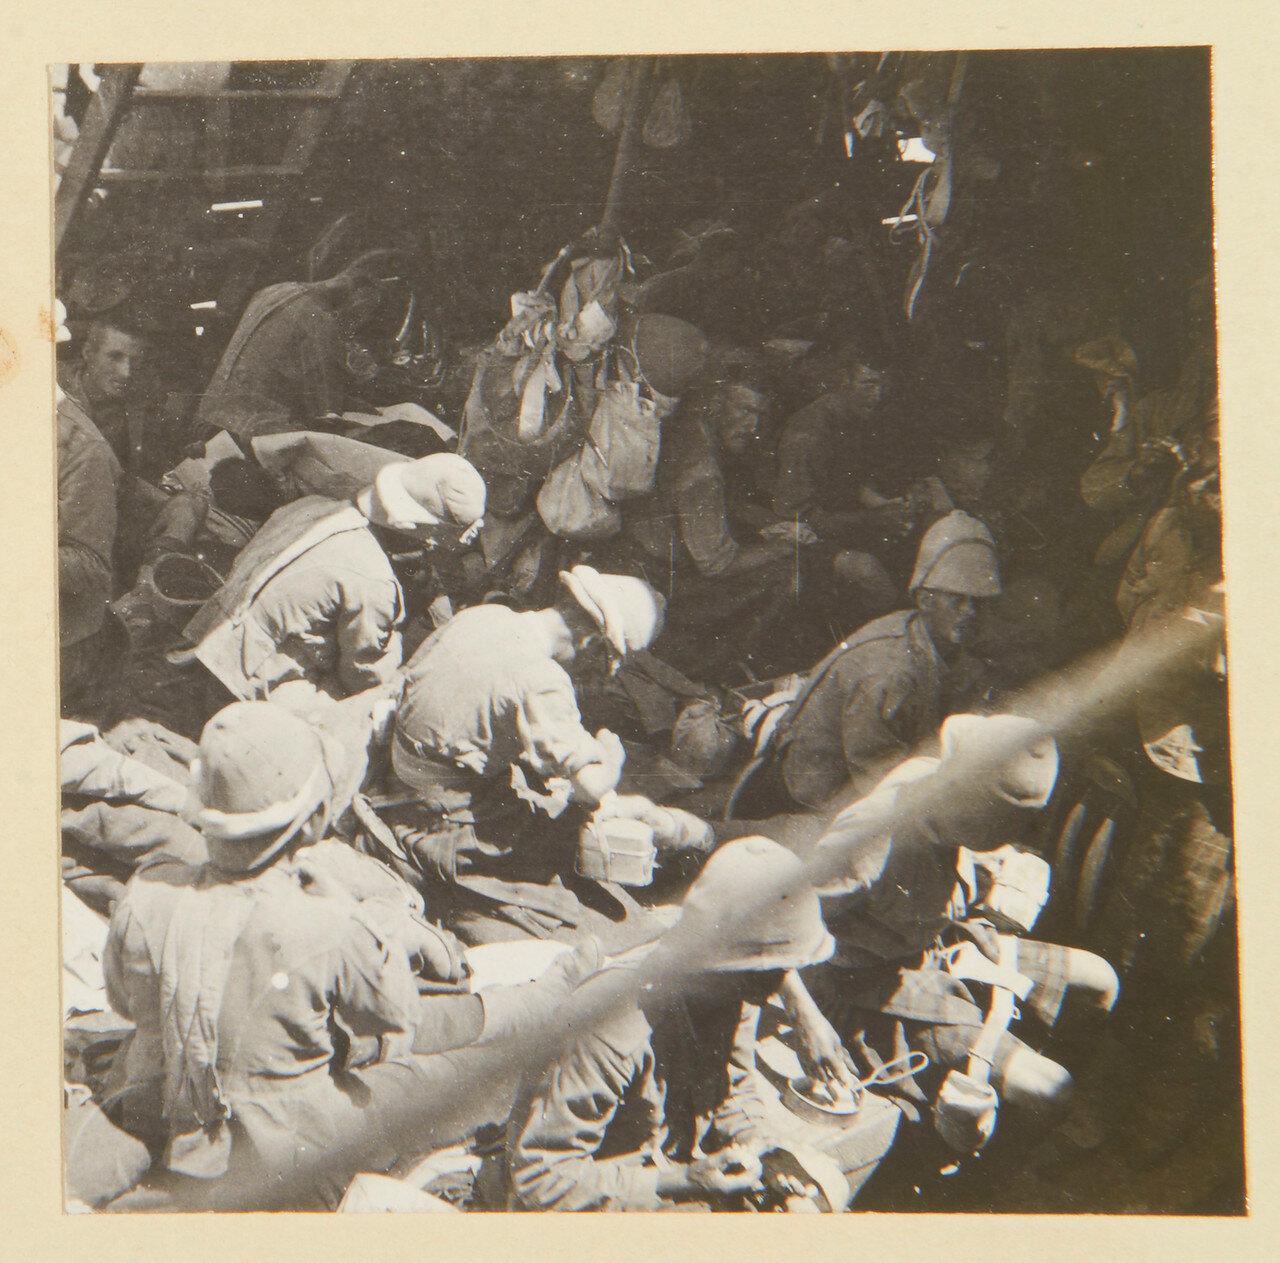 Солдаты Собственного королевского Камерон-хайлендерского полка стирают свою одежду после девяти месяцев грязи. Сентябрь 1898